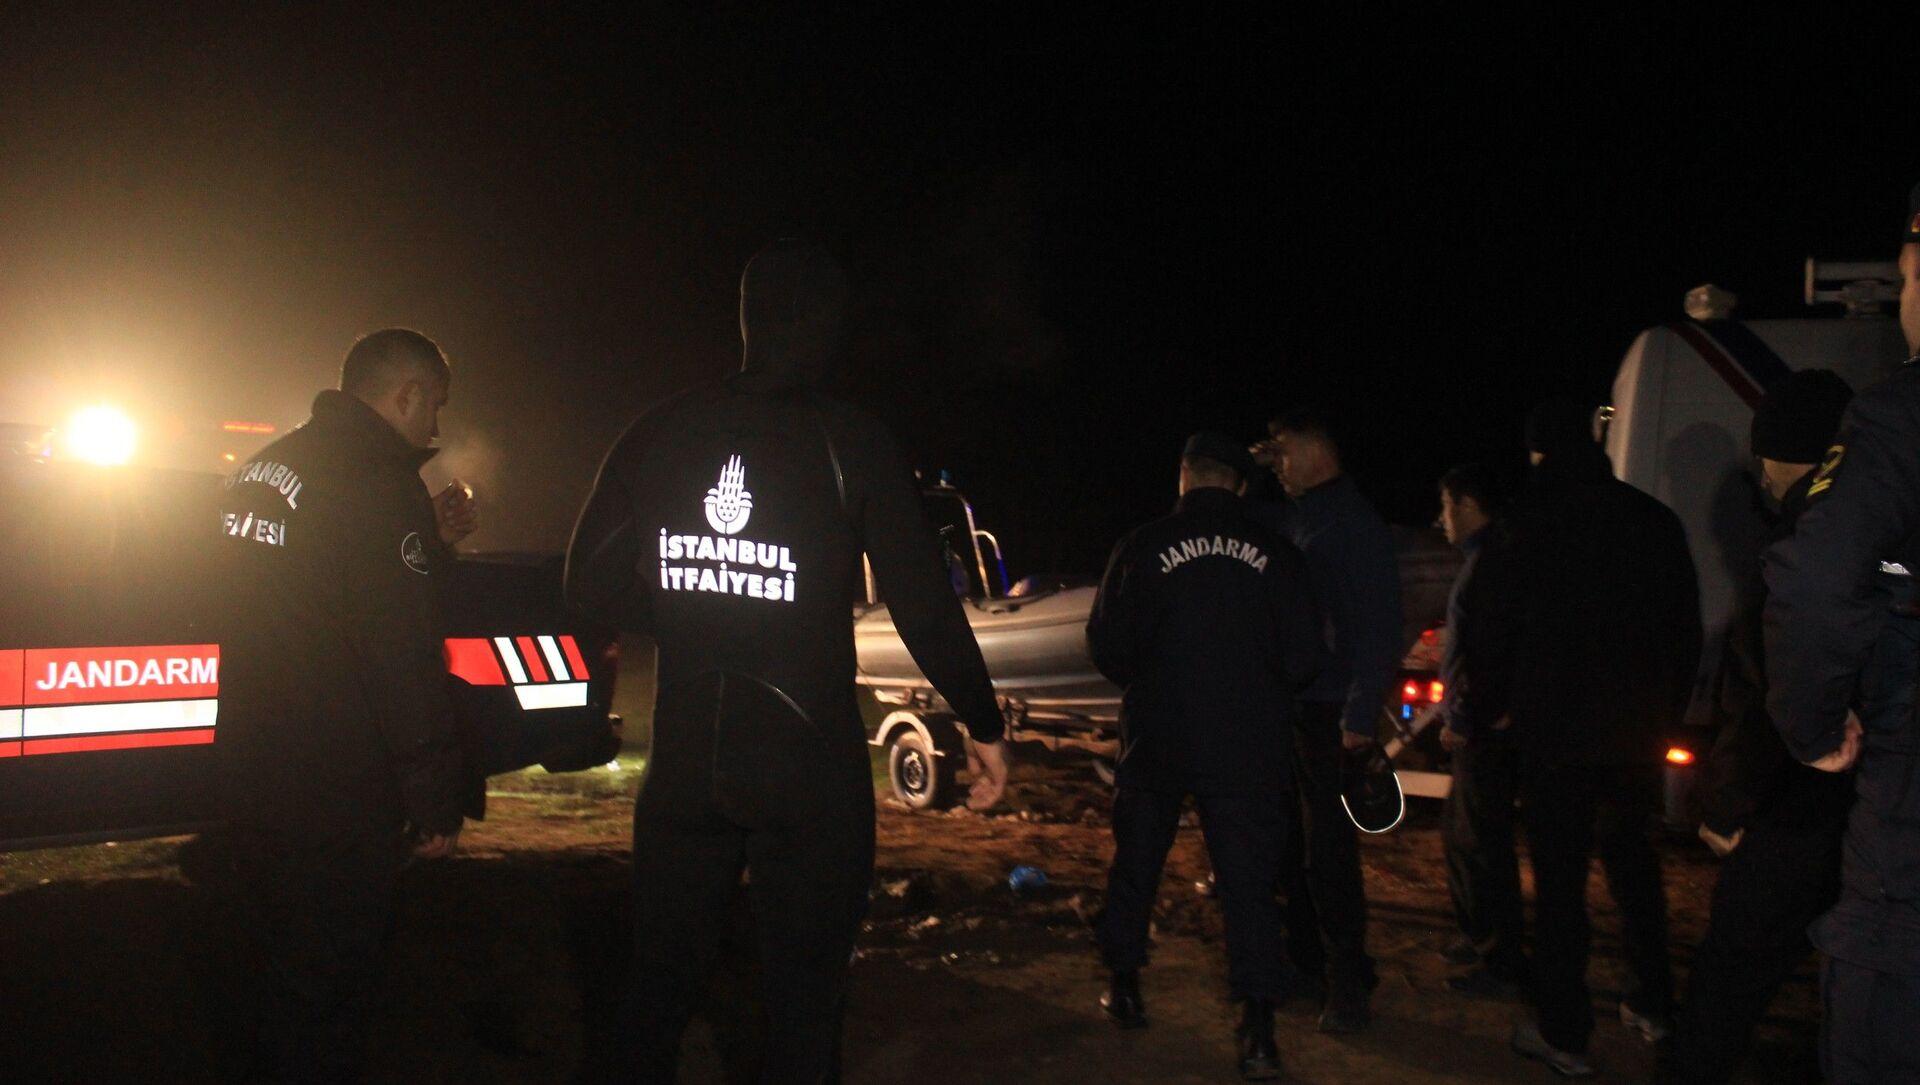 İstanbul Terkos Gölü'nde kayık alabora oldu: 3 kişi kayıp - Sputnik Türkiye, 1920, 28.02.2021